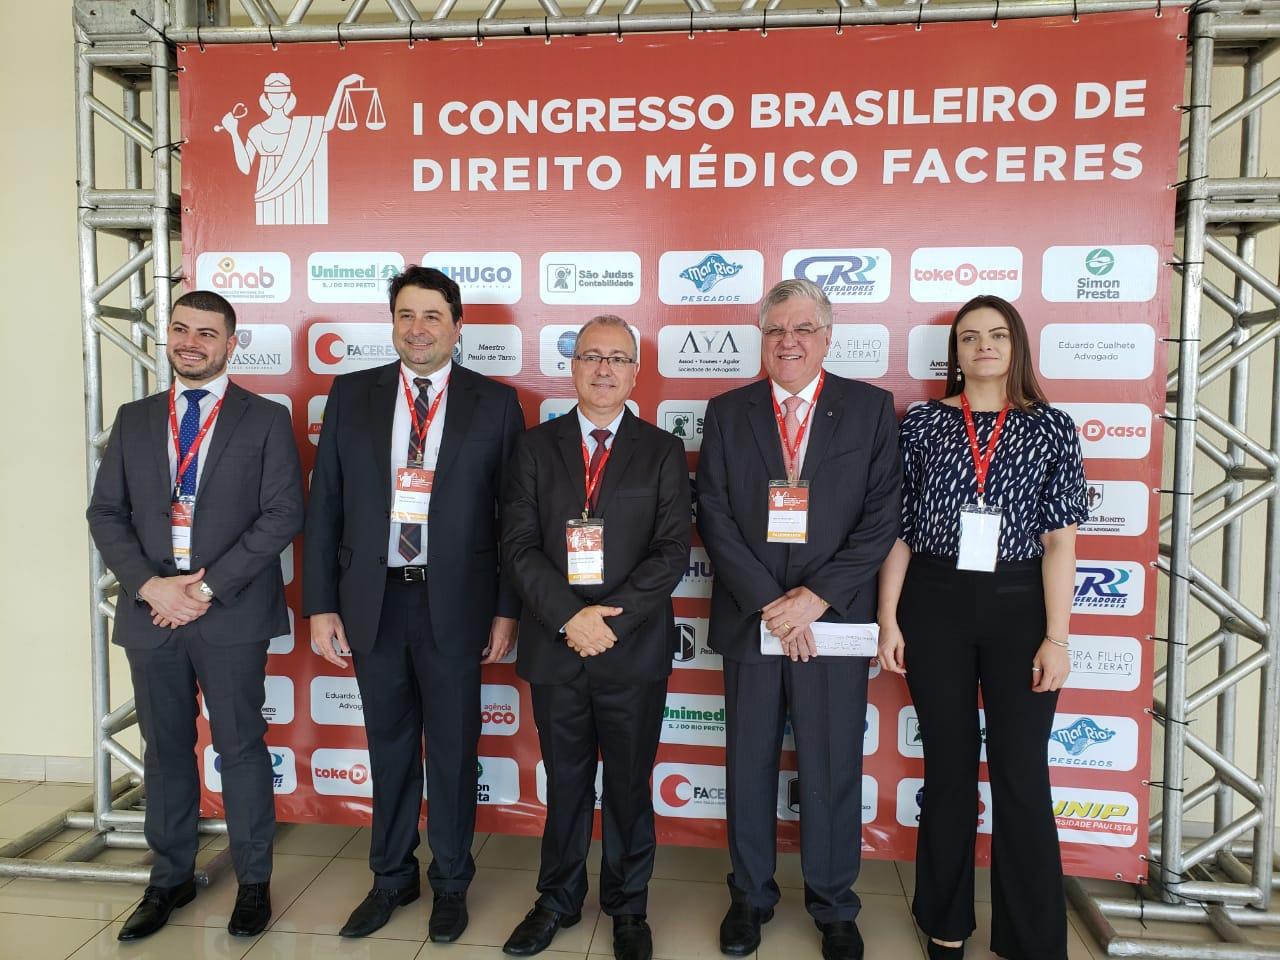 I Congresso Brasileiro de Direito Médico FACERES reuniu mais de 300 participantes